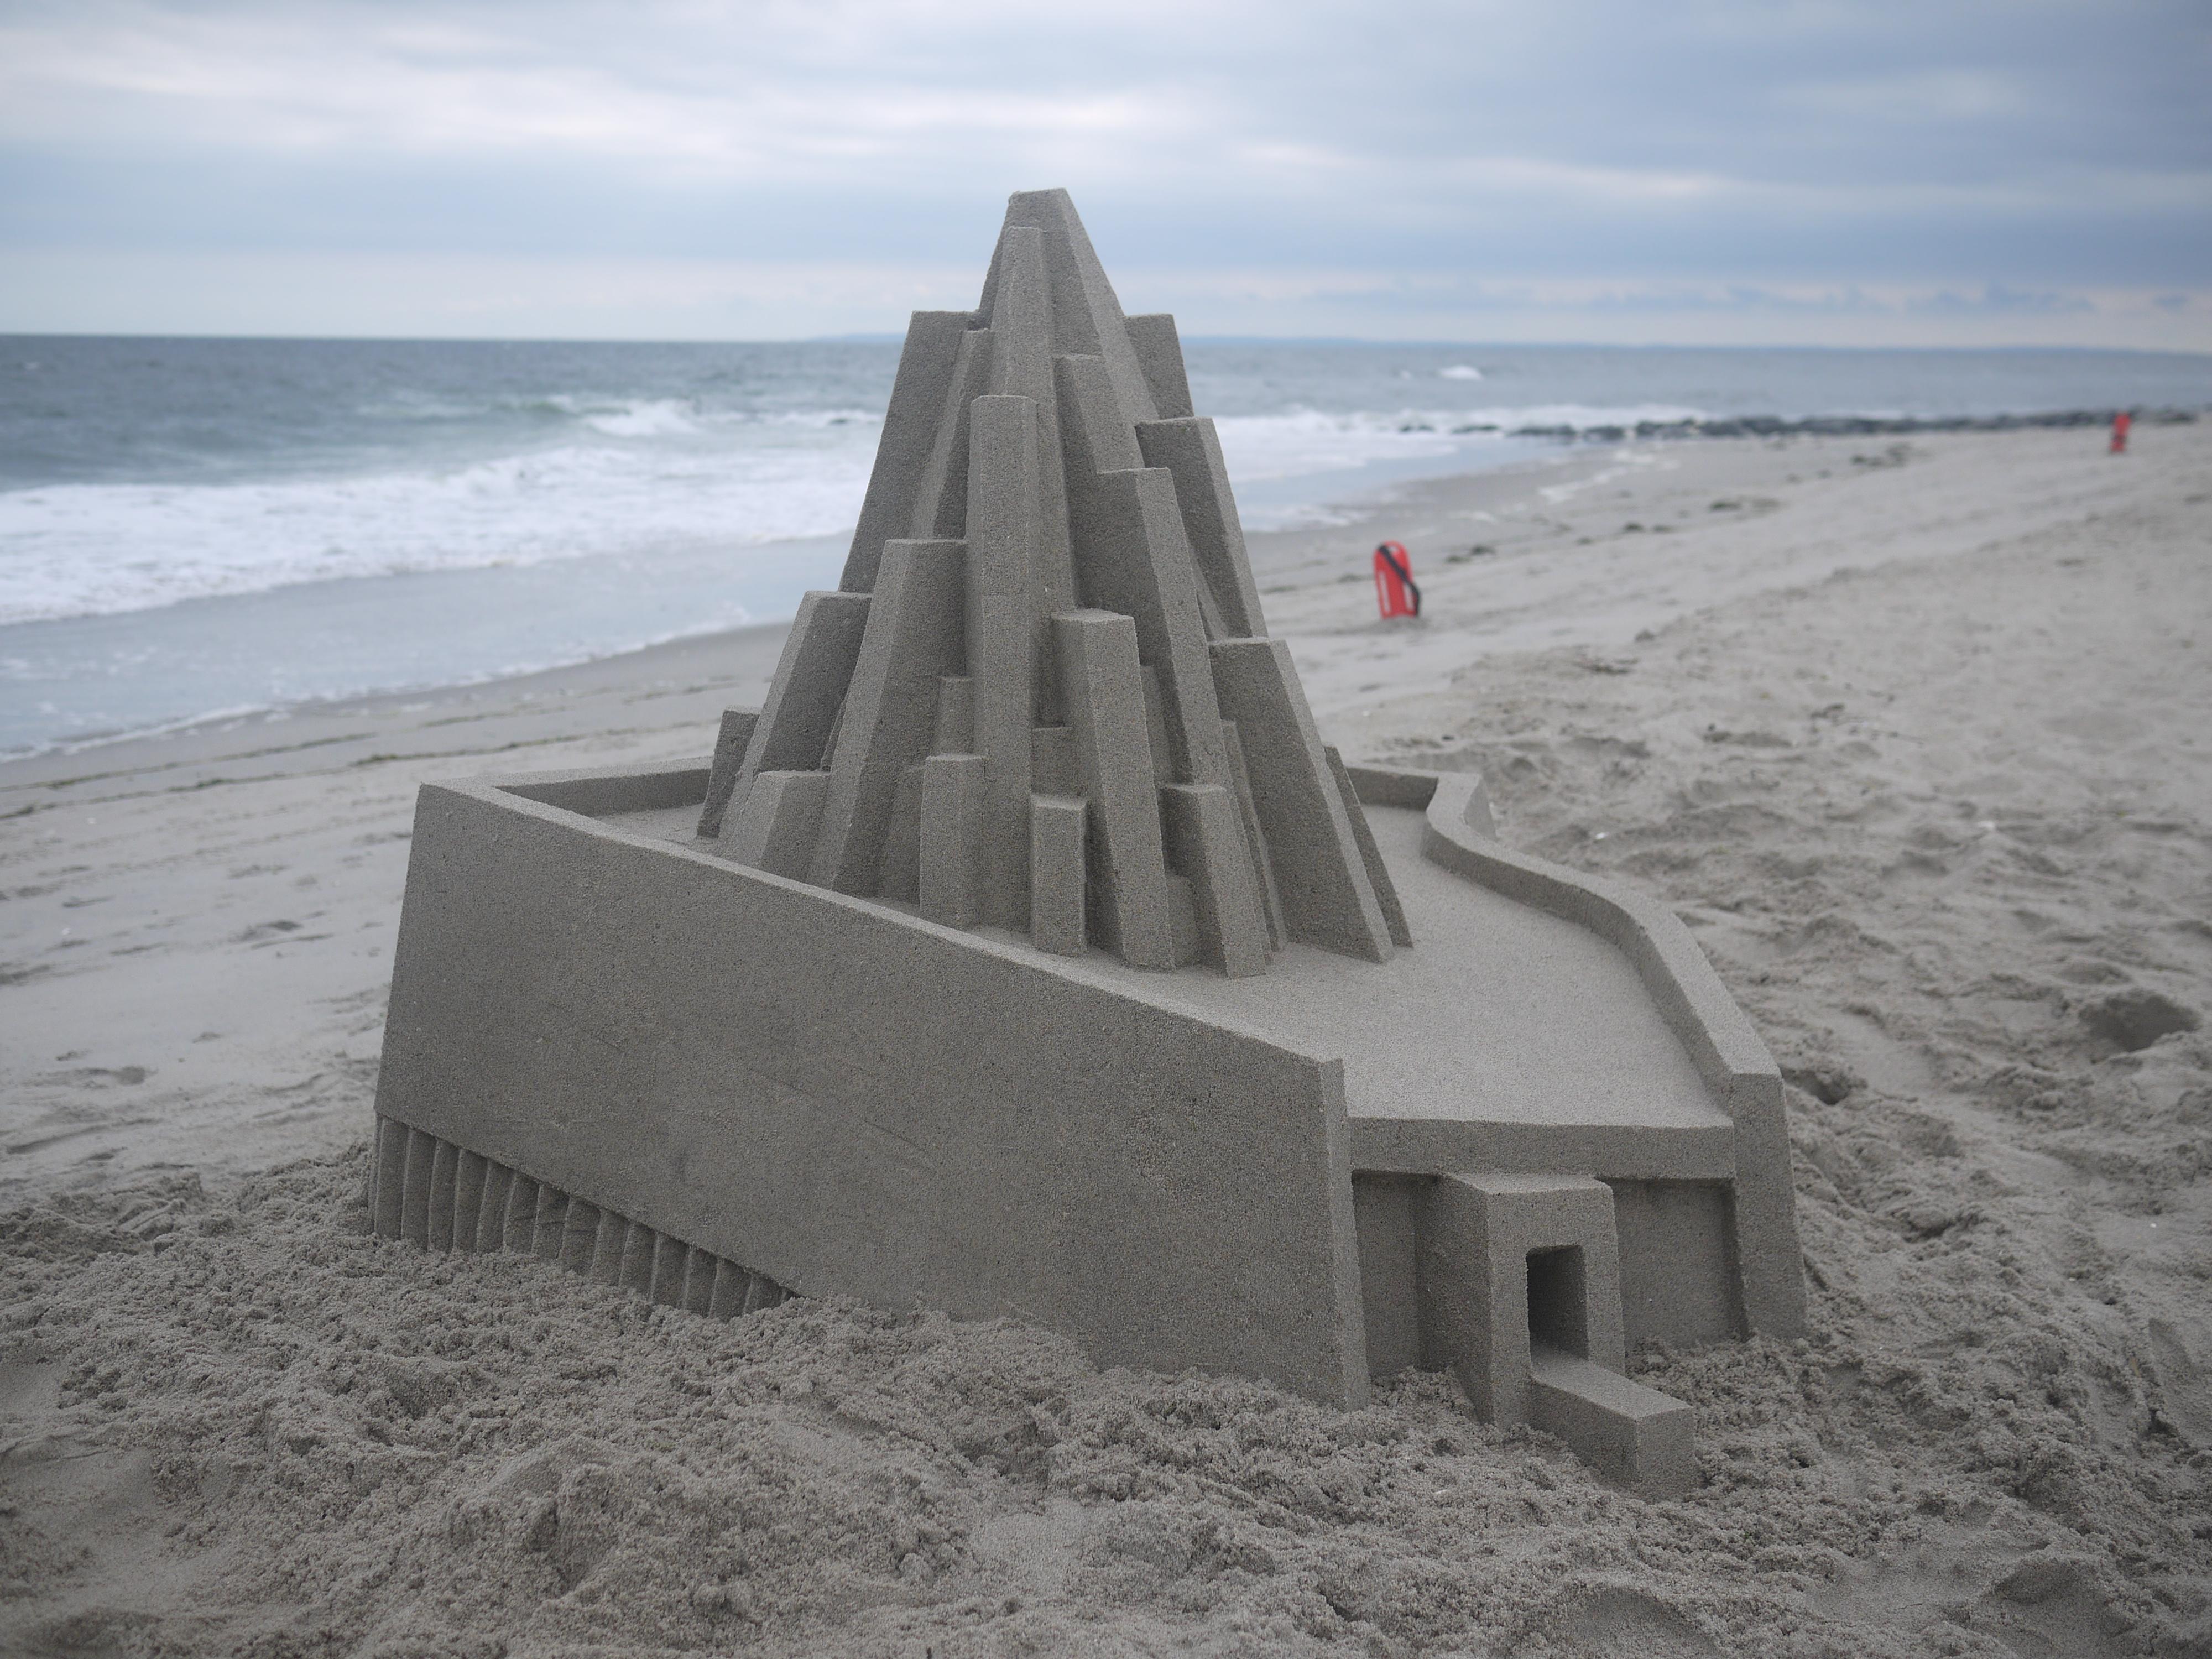 Chateau de sable Calvin Seibert Architecture Plage Été Vacances